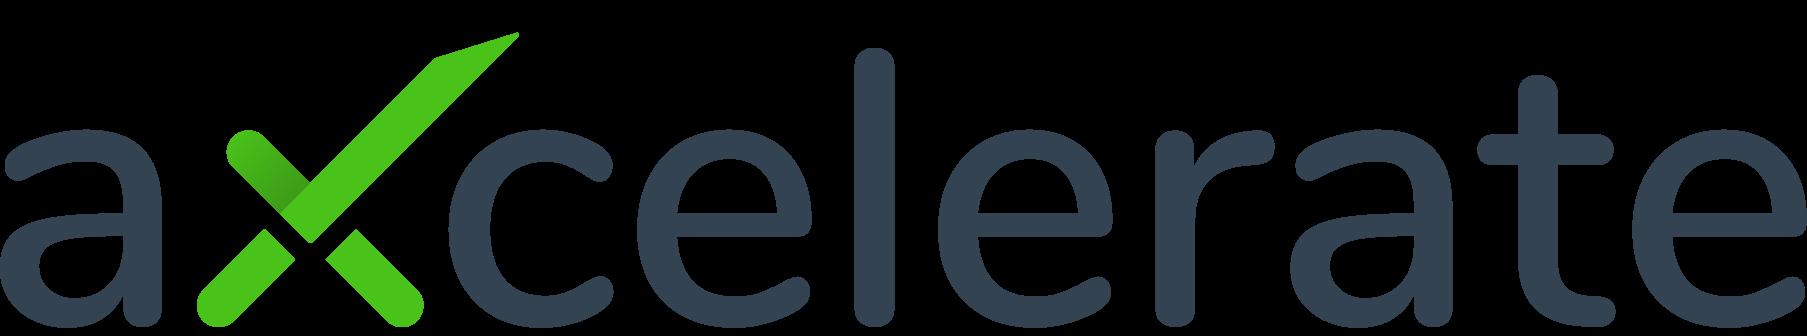 aXcelerate logo